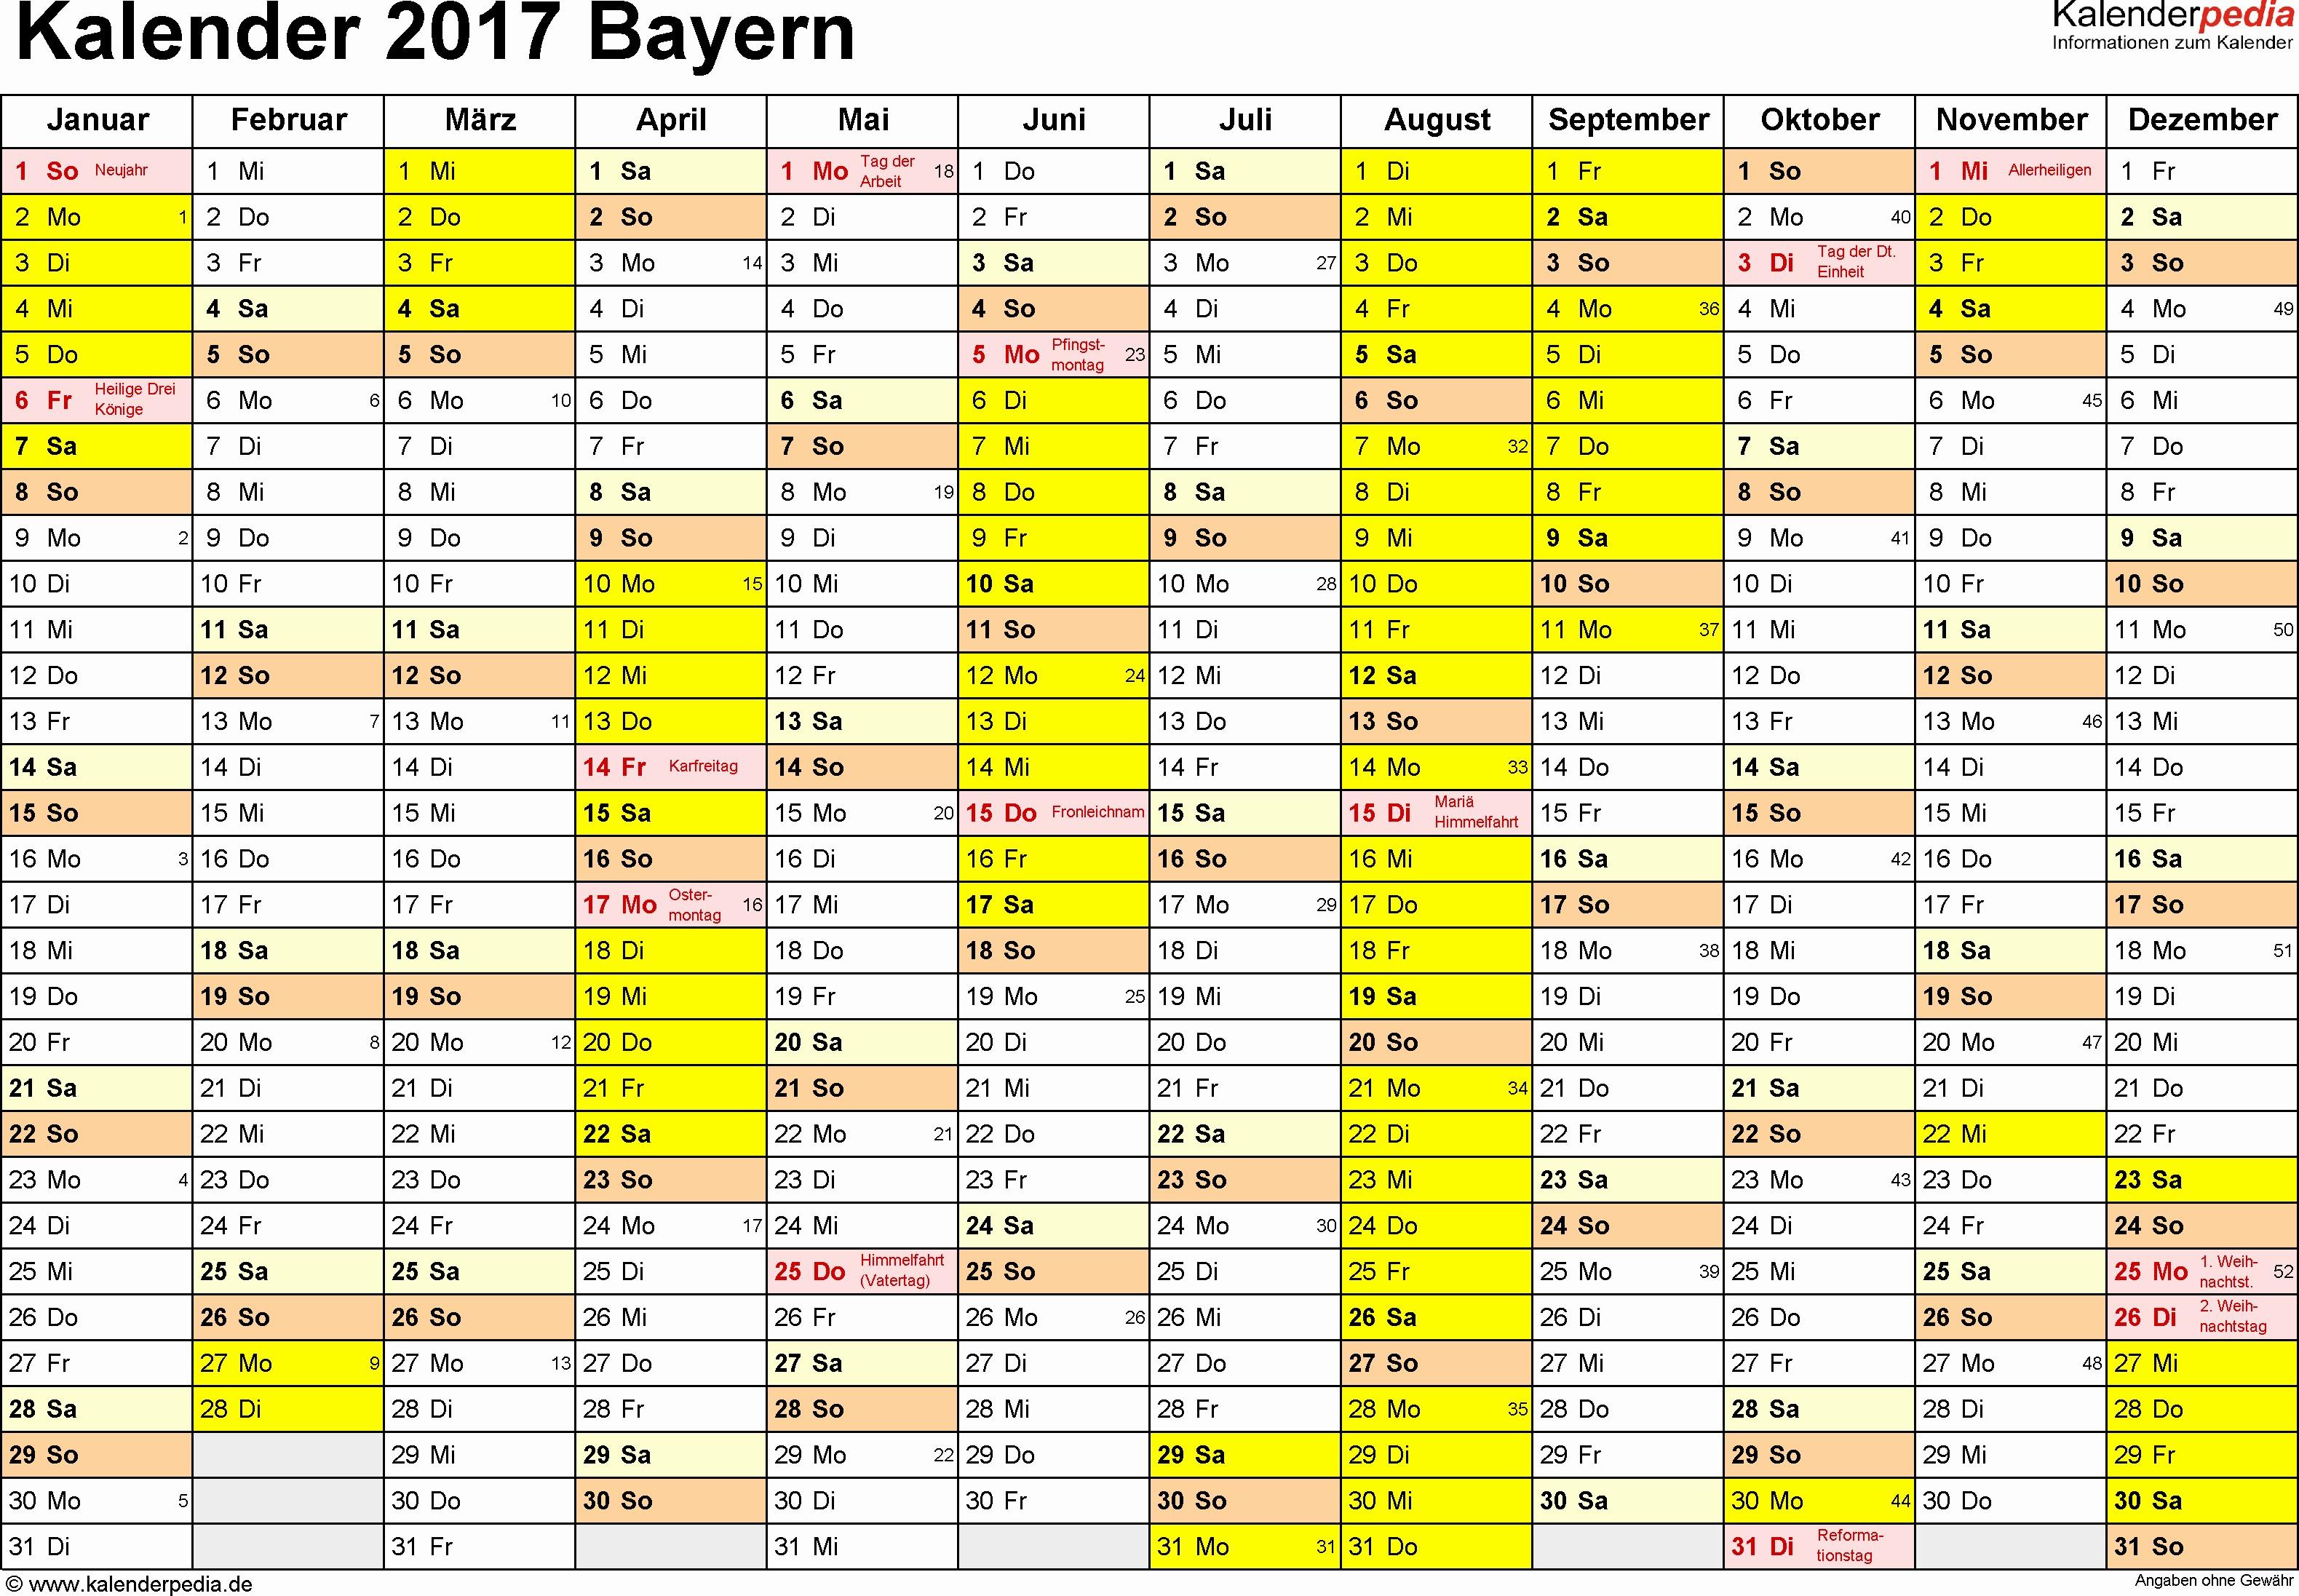 Kalender 2019 Excel Schweiz Más Recientes Kalender 2019 2020 Bayern Mit Feiertagen Und Kalenderwochen Kalender Of Kalender 2019 Excel Schweiz Recientes Word Vorlage Kalender 2018 56 Elegant Bilder Kalender 2018